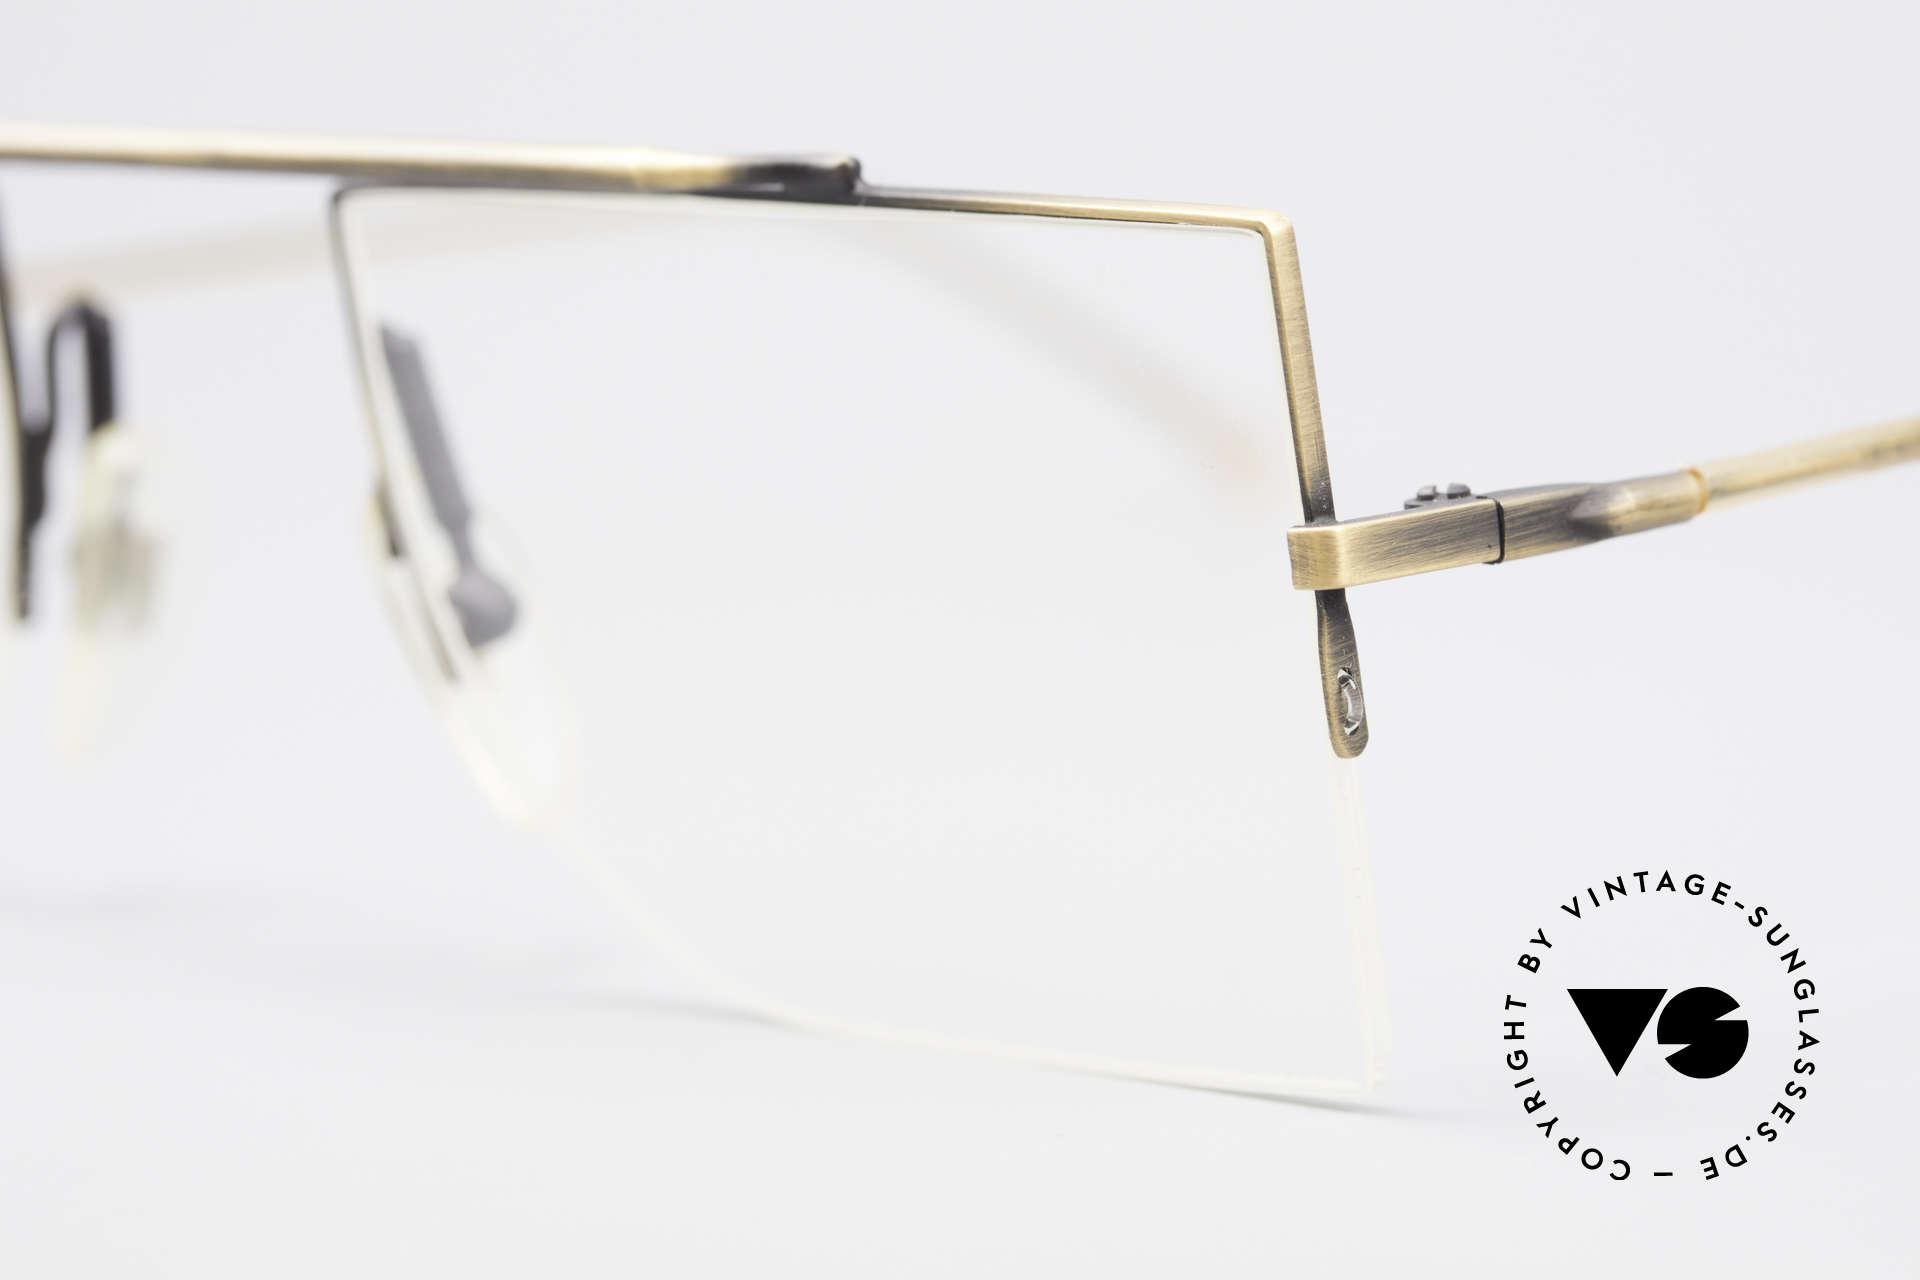 L.A. Eyeworks BURBANK 442 Echte Vintage Brille 90er, zeitlos und puristisch gleichermaßen; ein Klassiker!, Passend für Herren und Damen